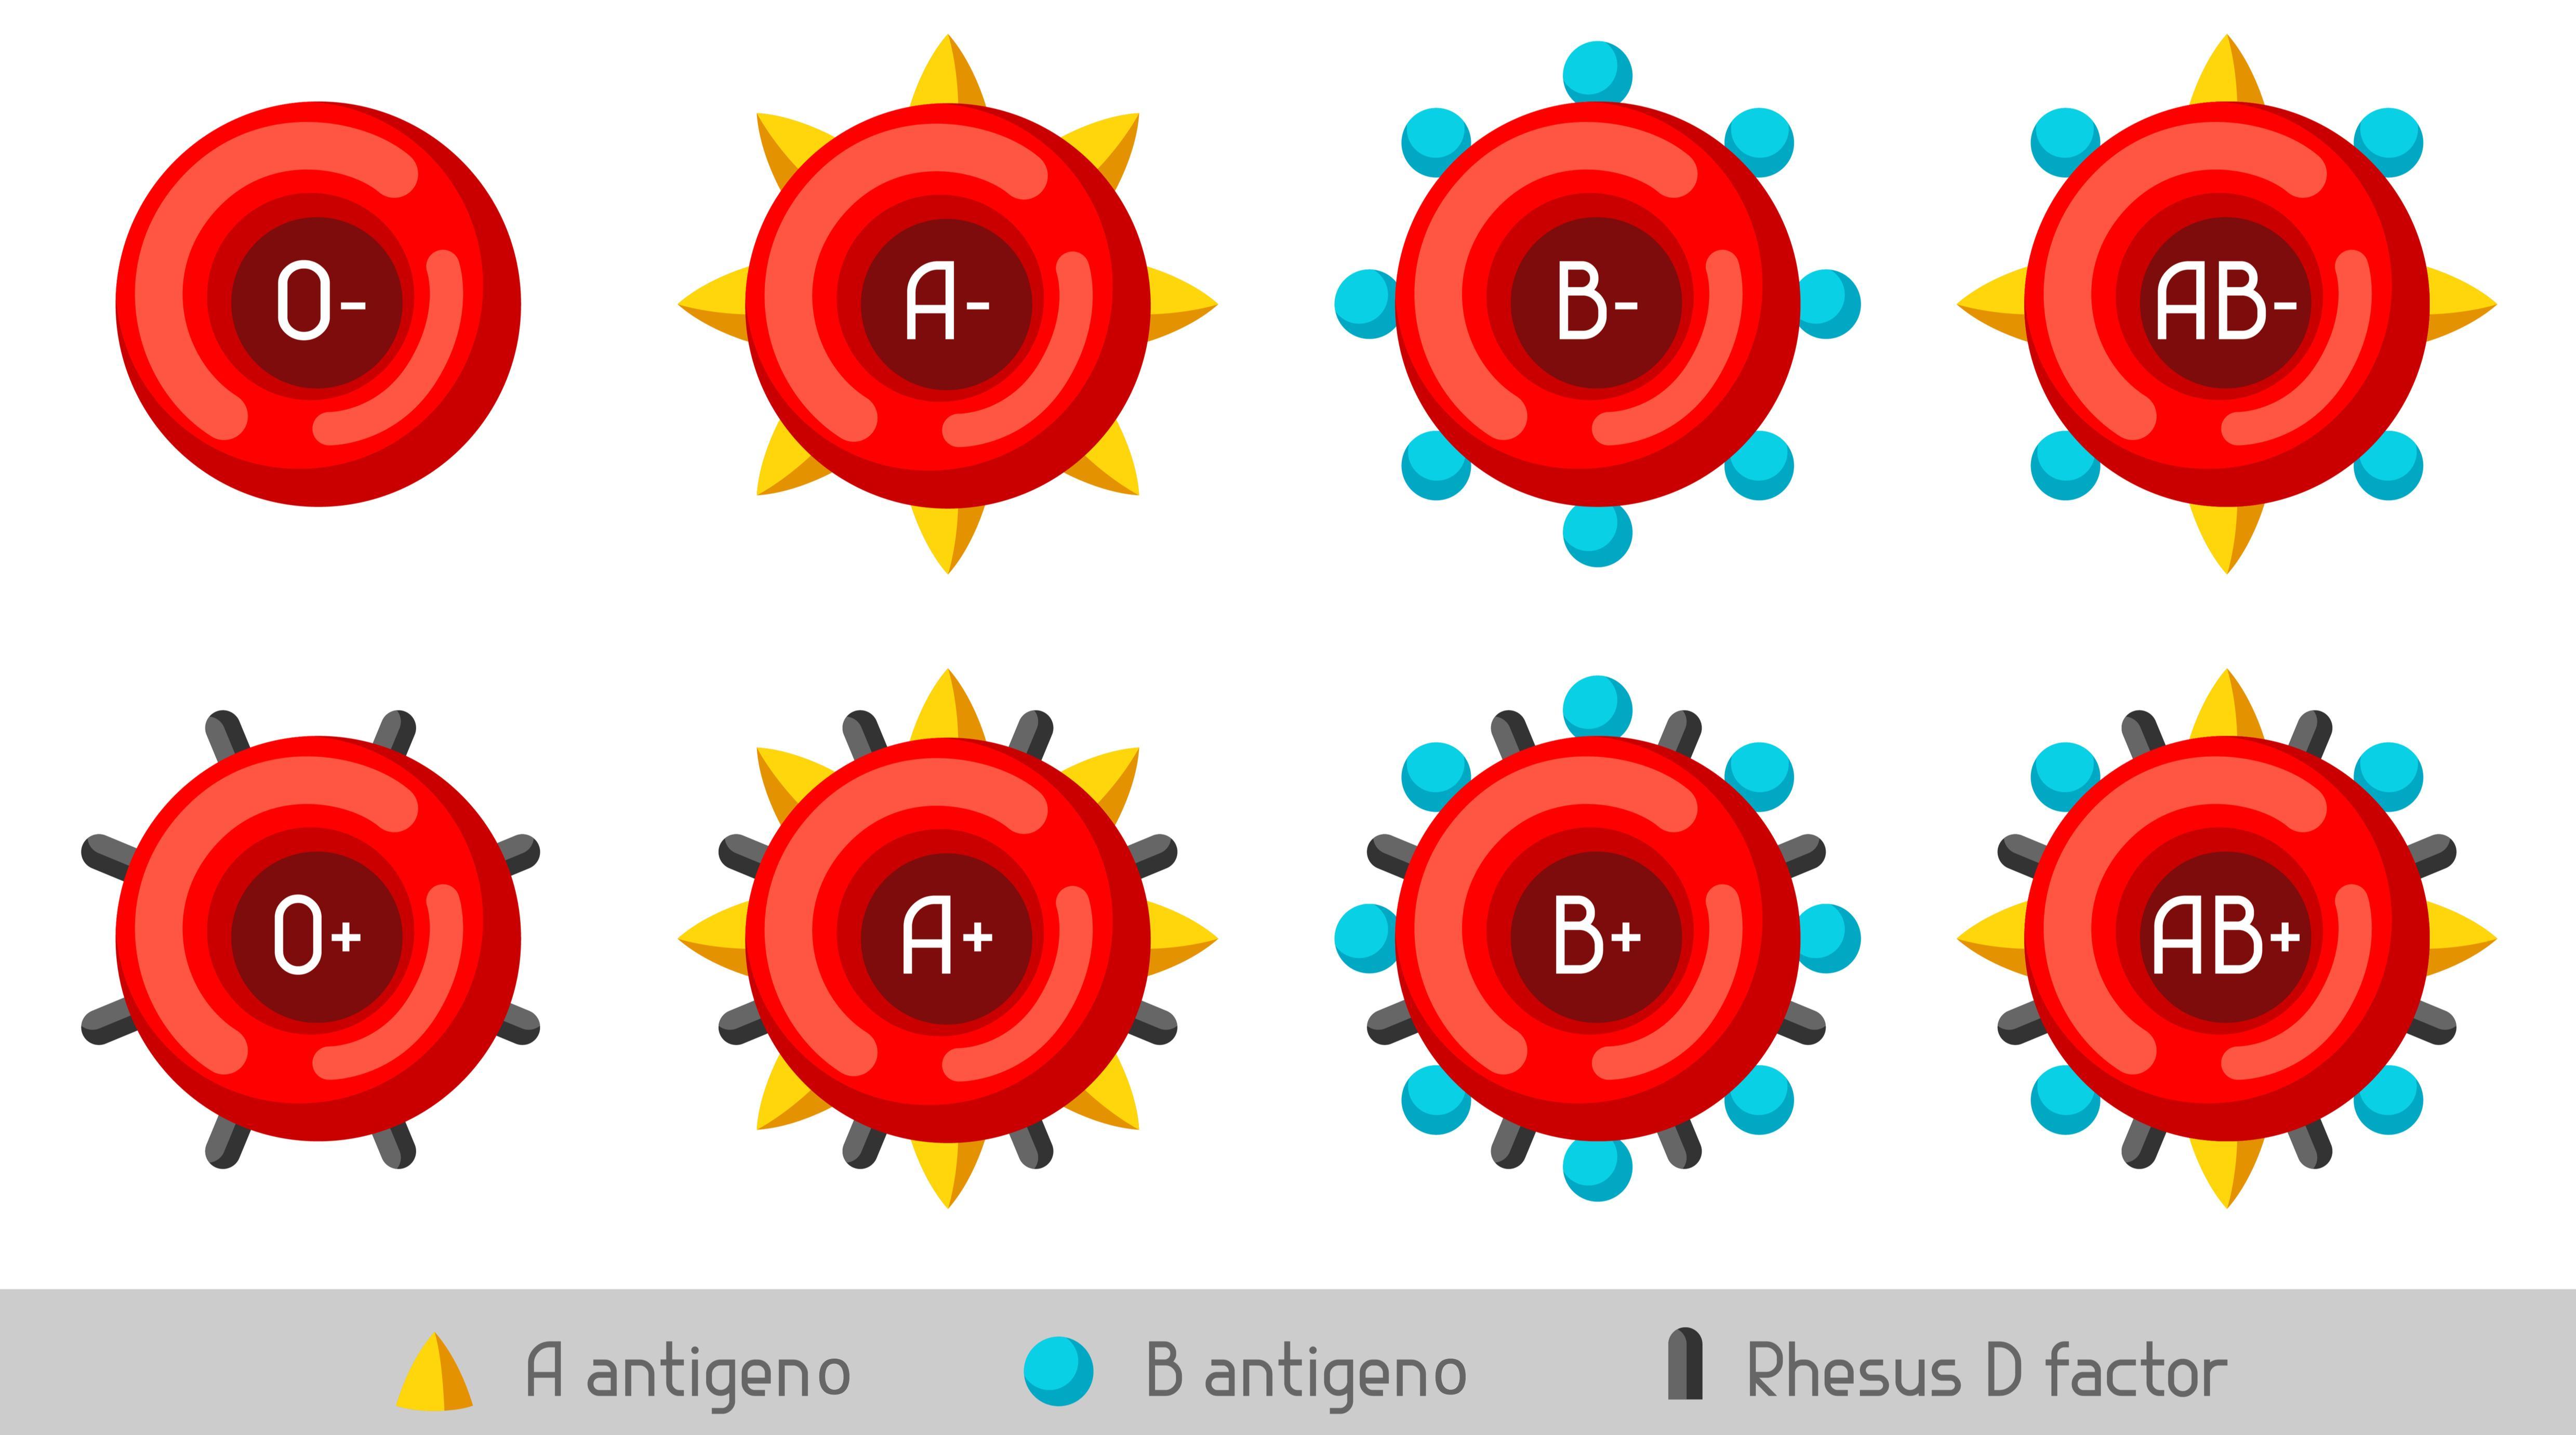 cómo explicar los grupos sanguíneos a los niños